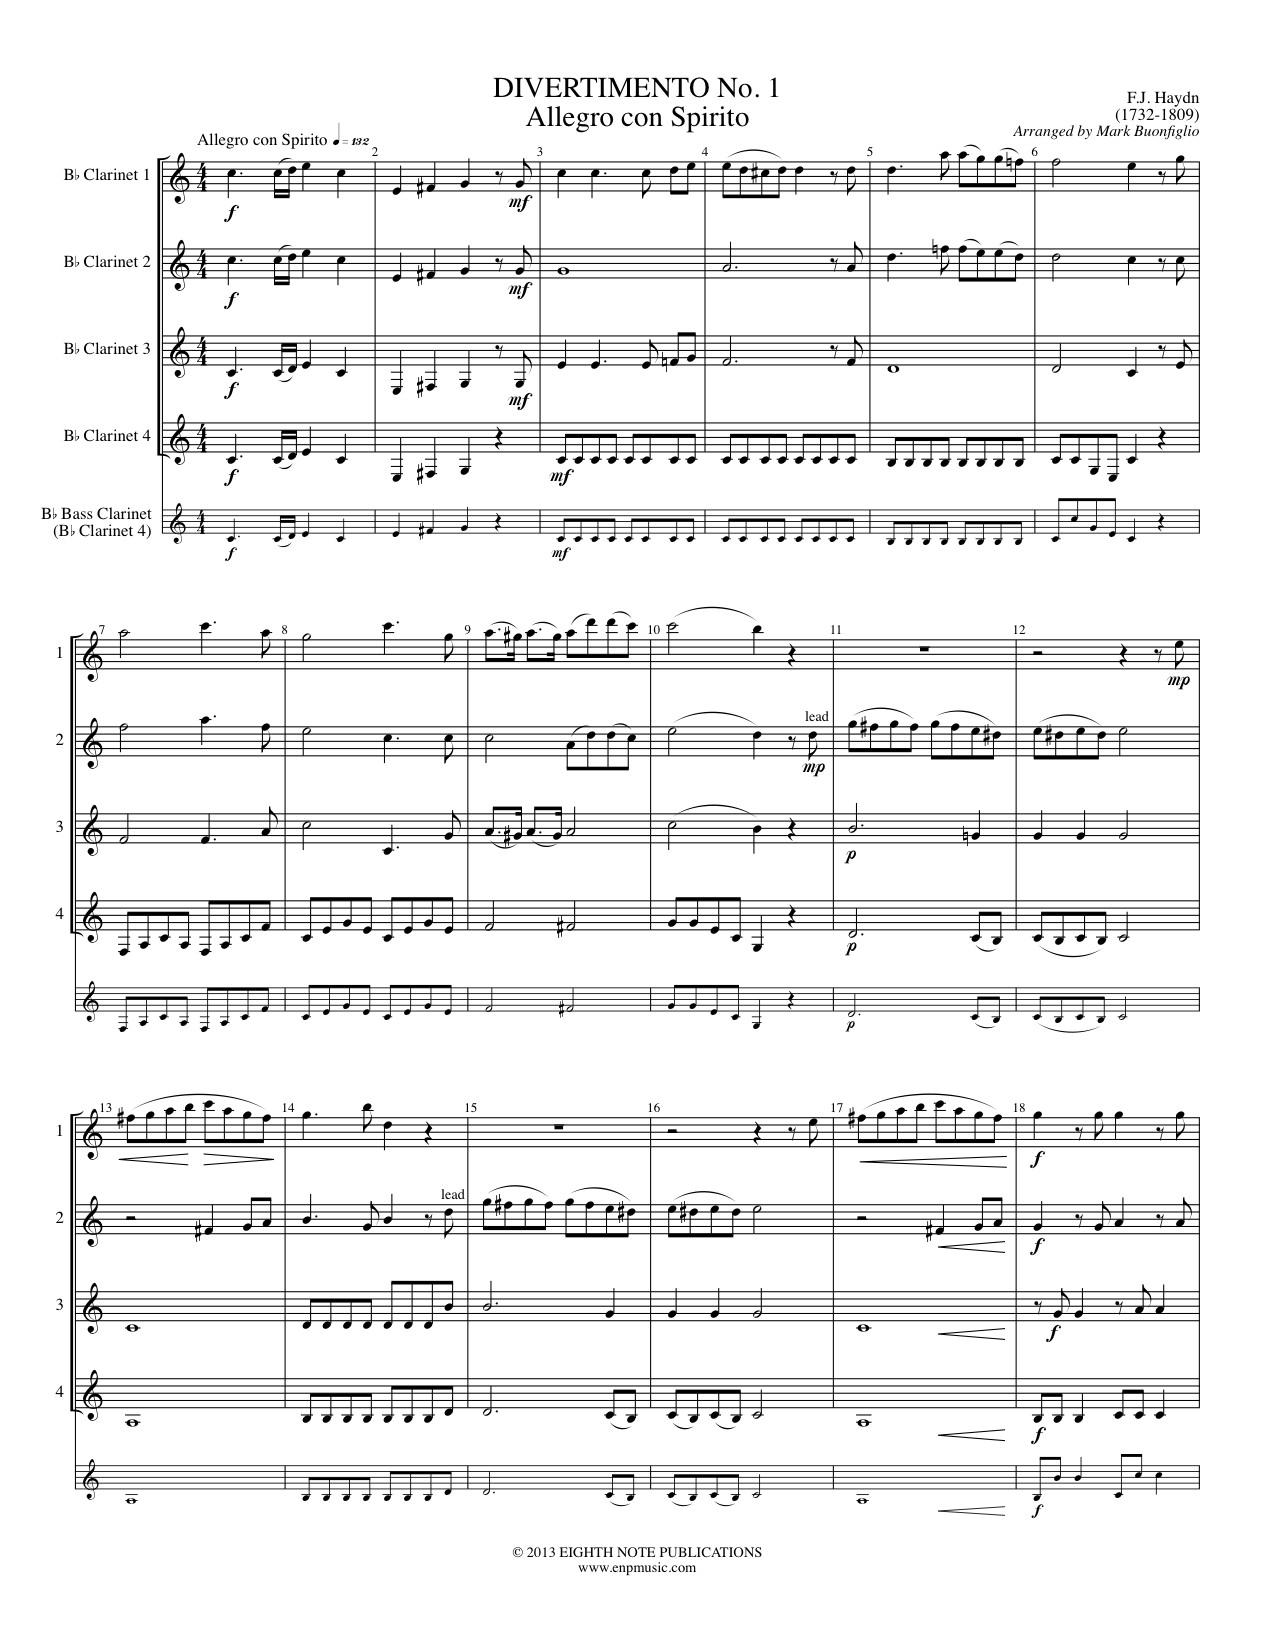 Divertimento No. 1 - Allegro con Spirito - Franz Joseph Haydn